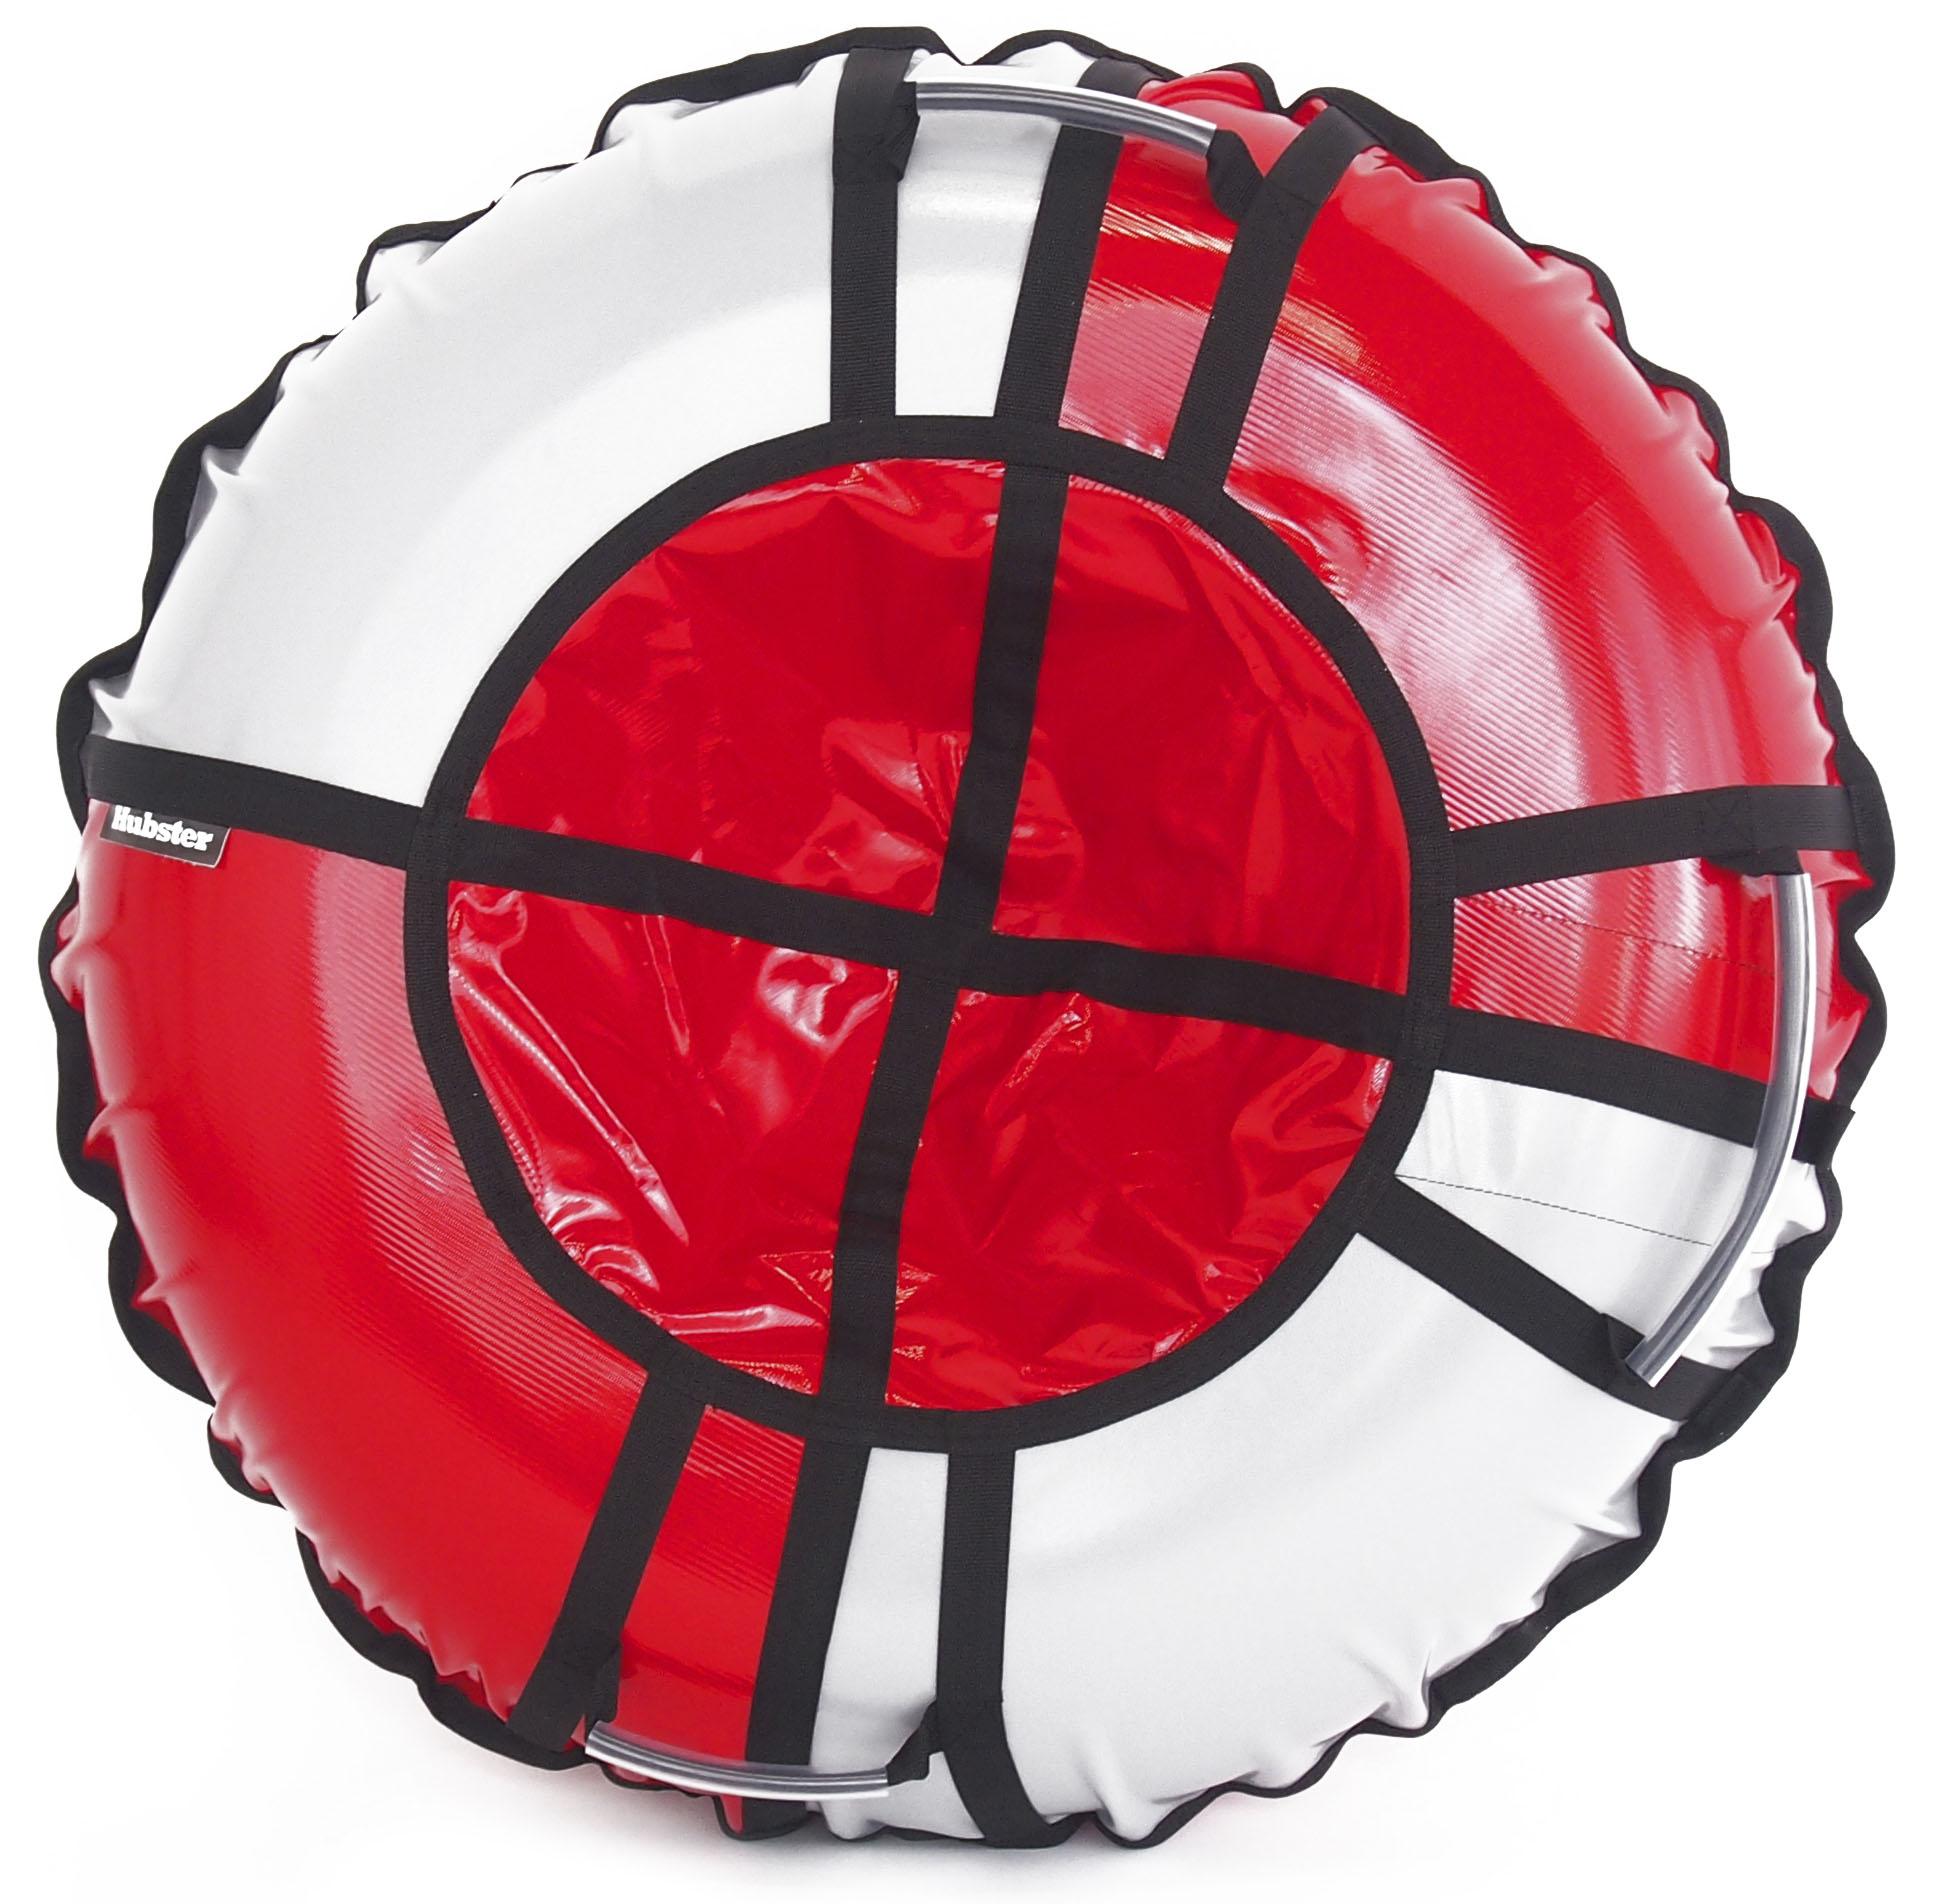 Тюбинг Hubster Sport Pro красный-серый 105 см